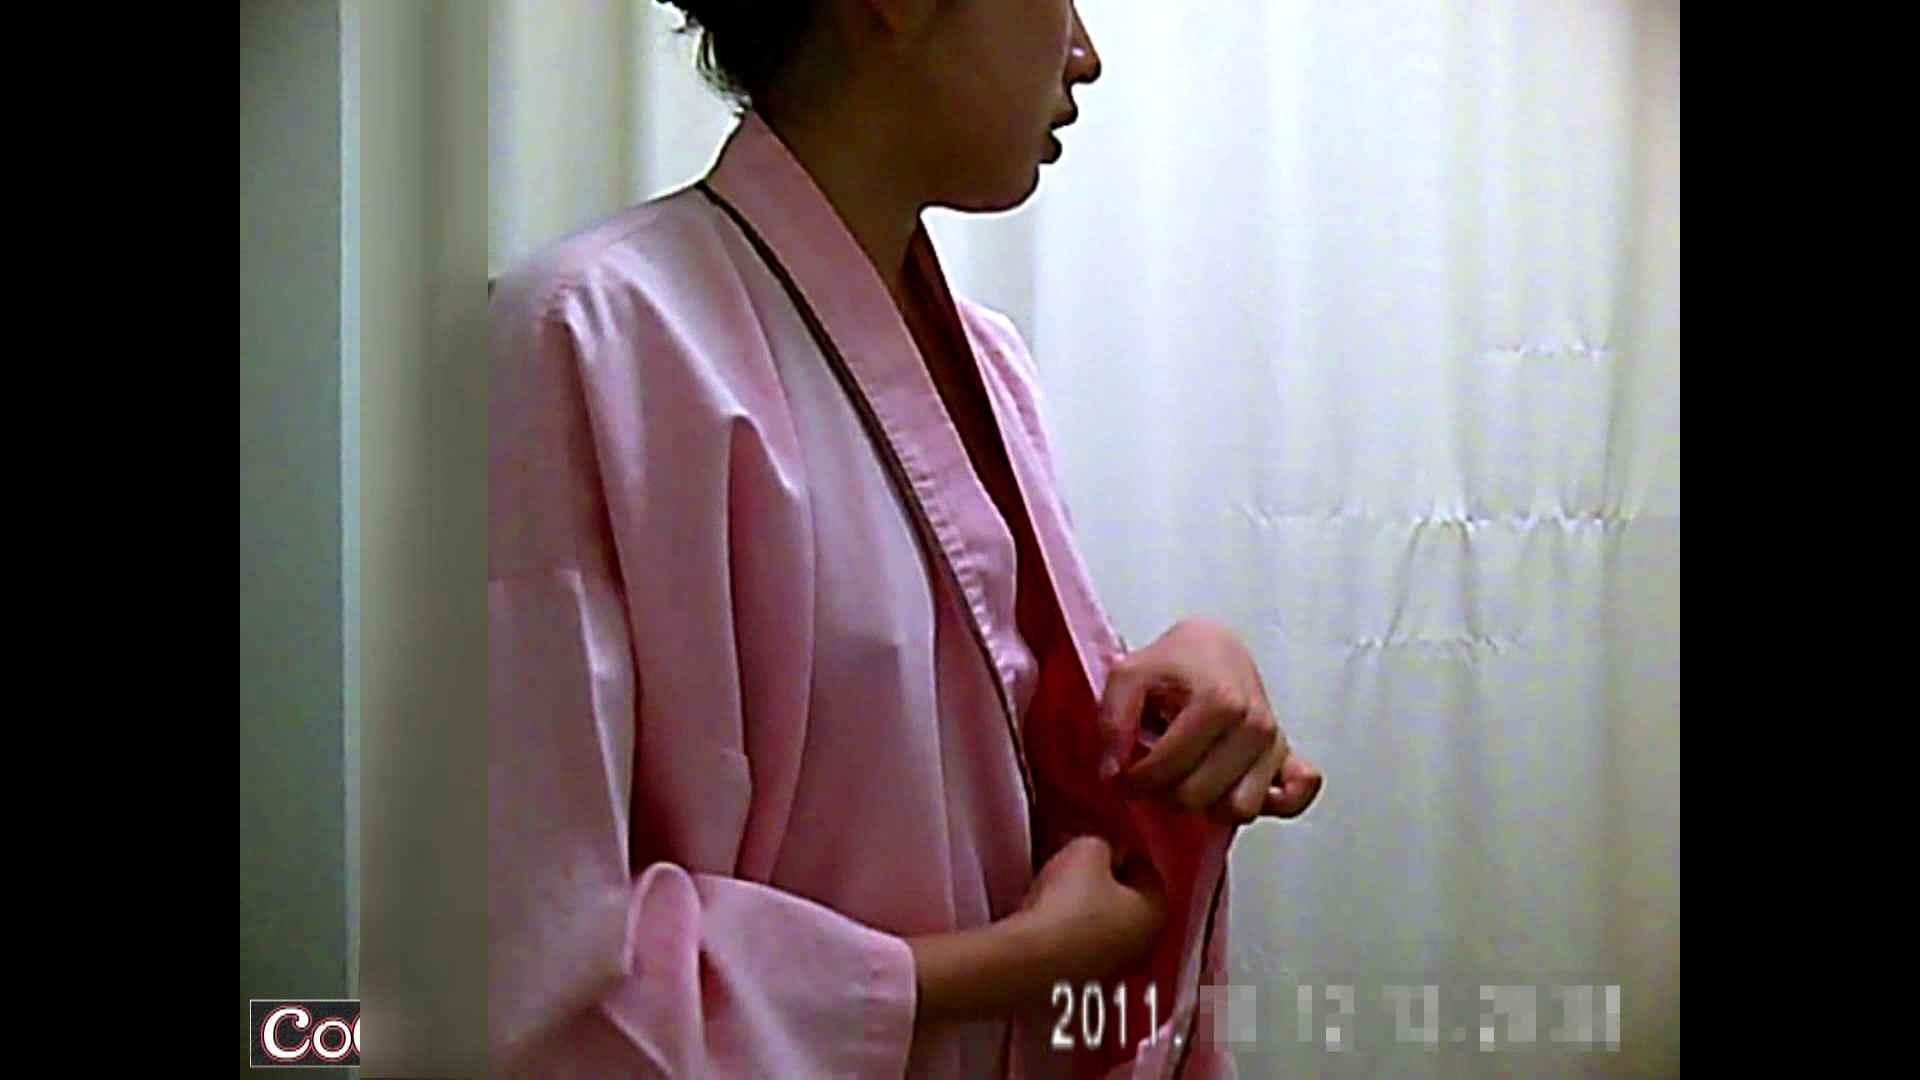 元医者による反抗 更衣室地獄絵巻 vol.240 OL  101pic 5